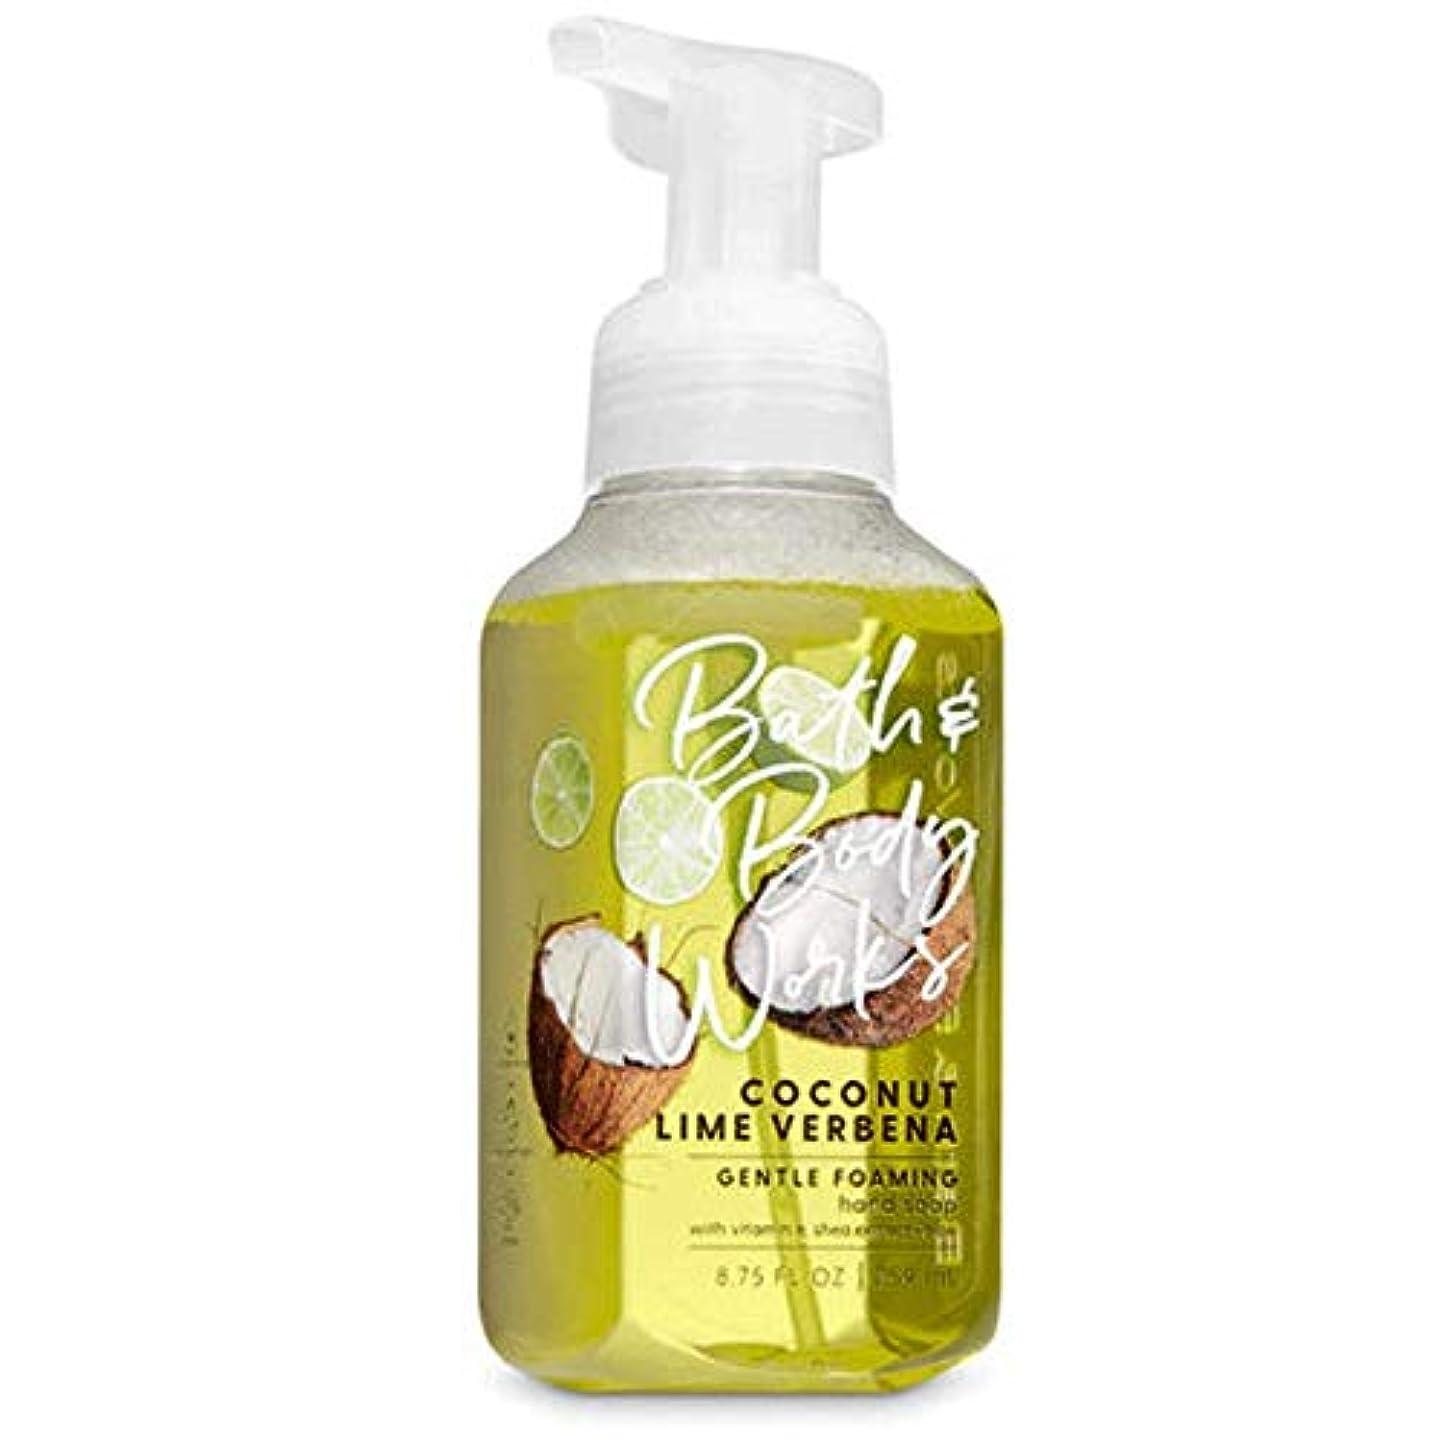 ねばねば魅力的であることへのアピールセットするバス&ボディワークス ココナッツライムバーベナ ジェントル フォーミング ハンドソープ Coconut Lime Verbena Gentle Foaming Hand Soap